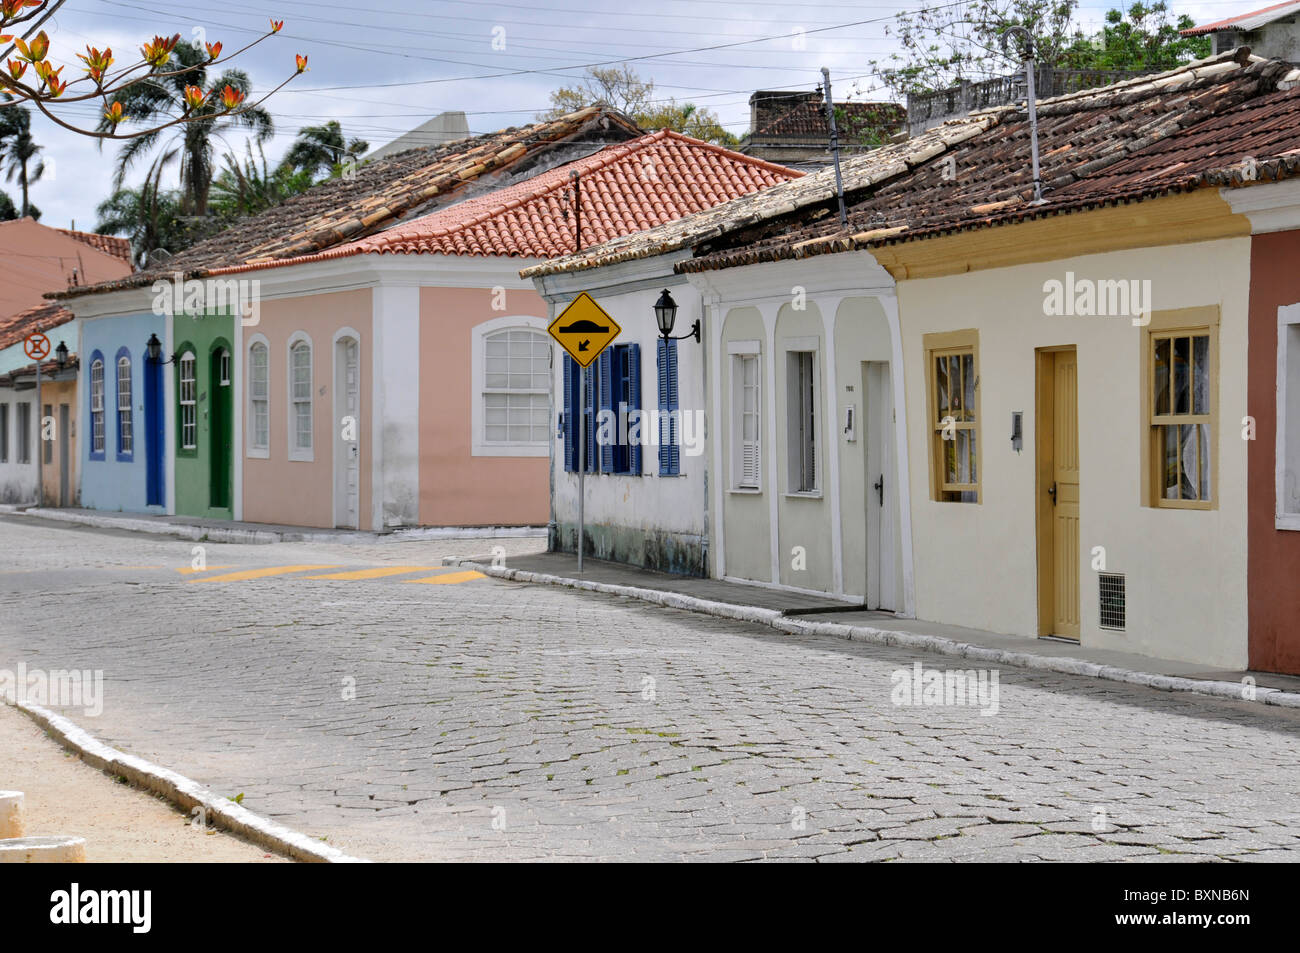 Street and houses at Ribeirao da Ilha, Florianopolis, Santa Catarina, Brazil - Stock Image